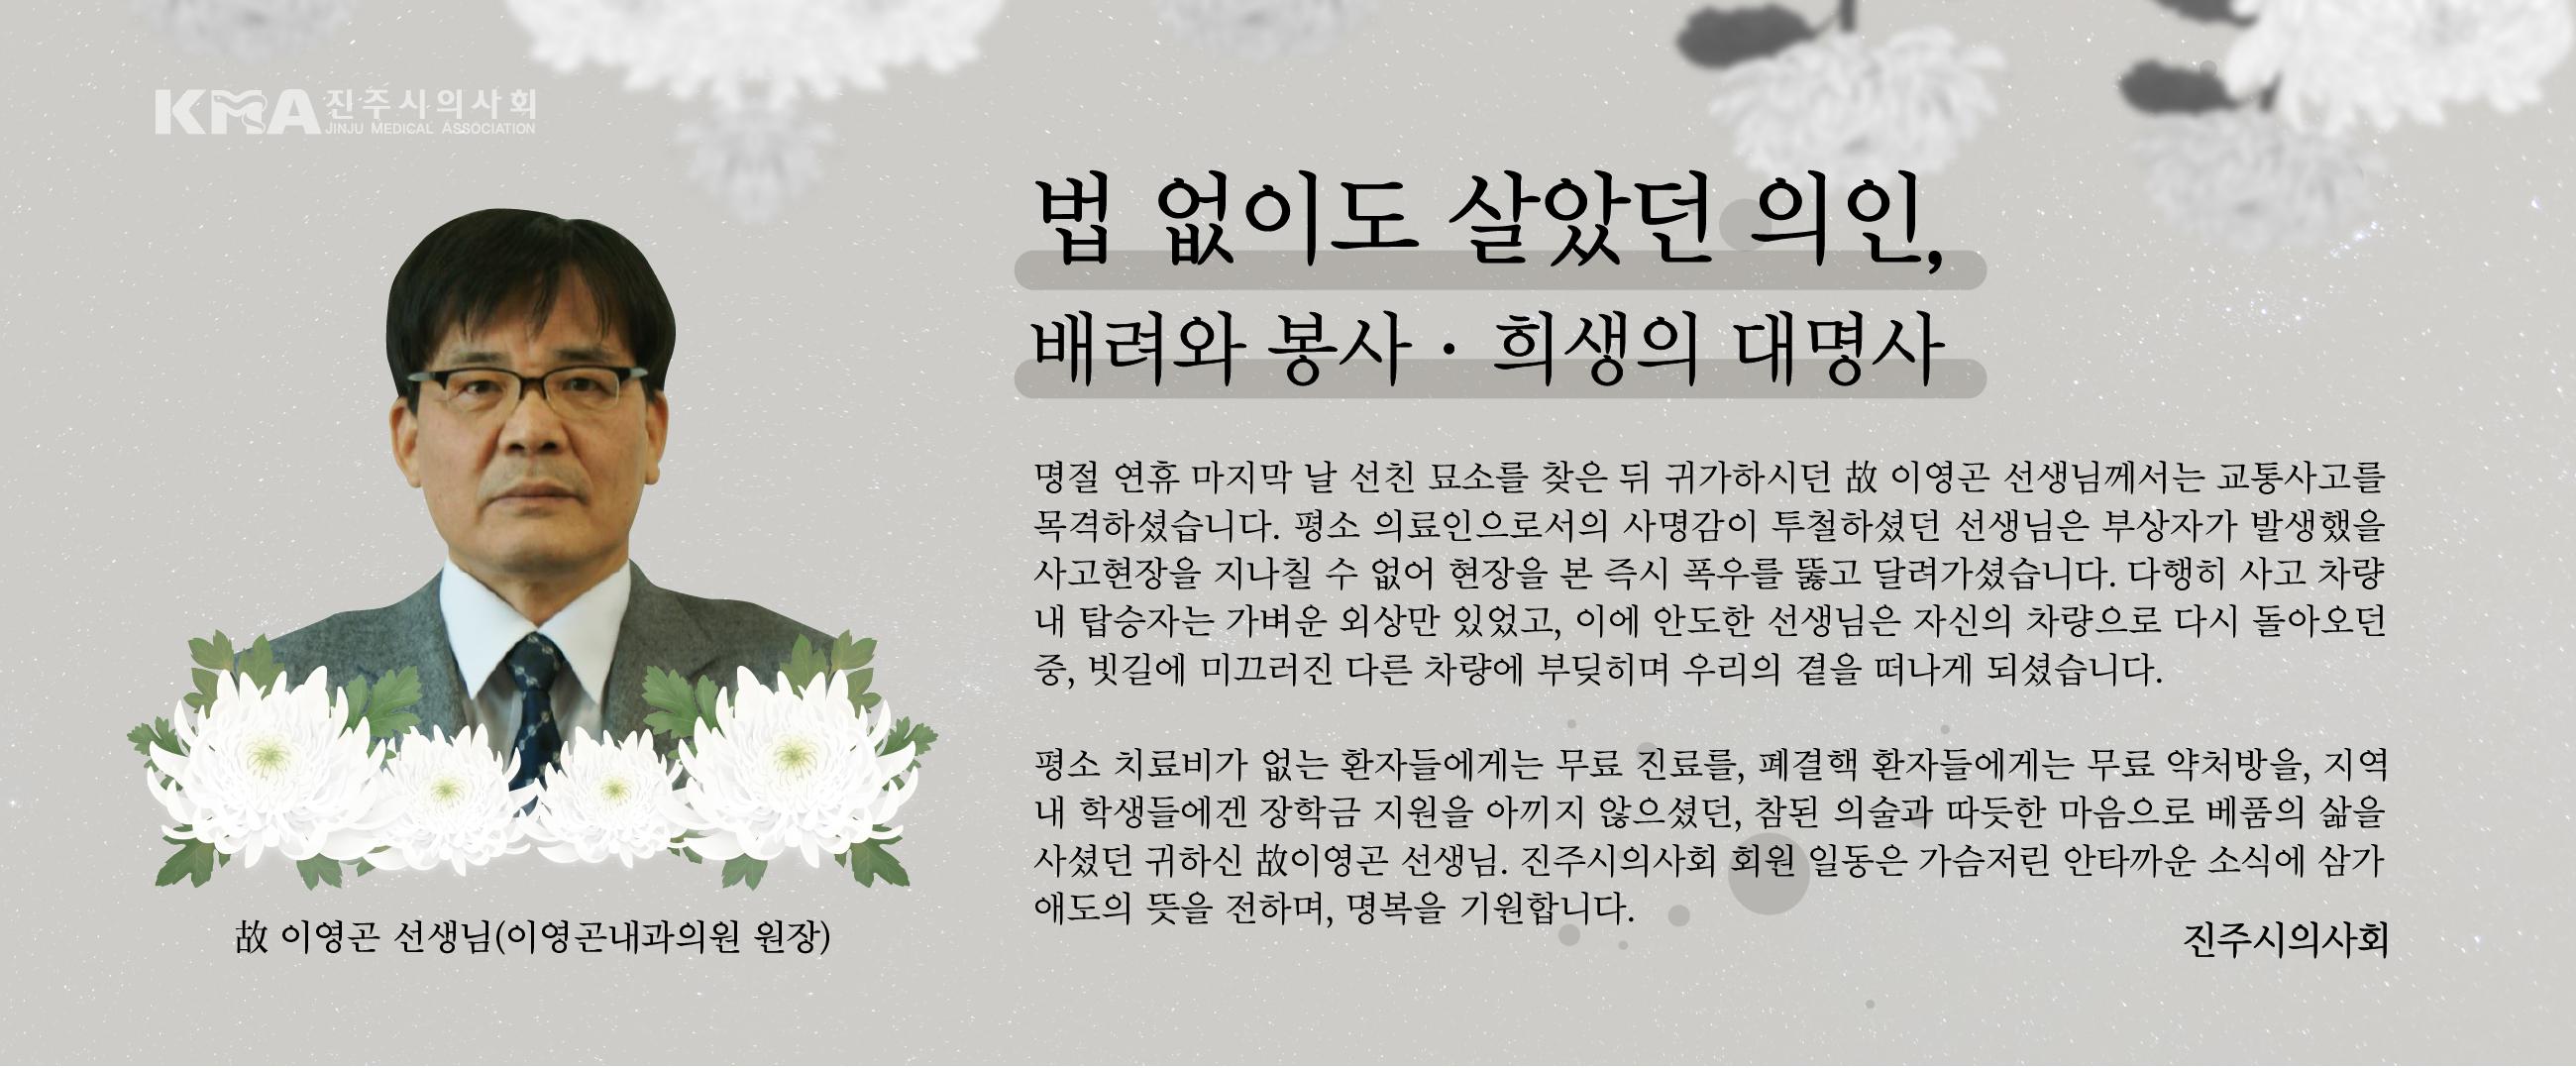 210924_진주시의사회_이영곤-선생님_배너(300).jpg